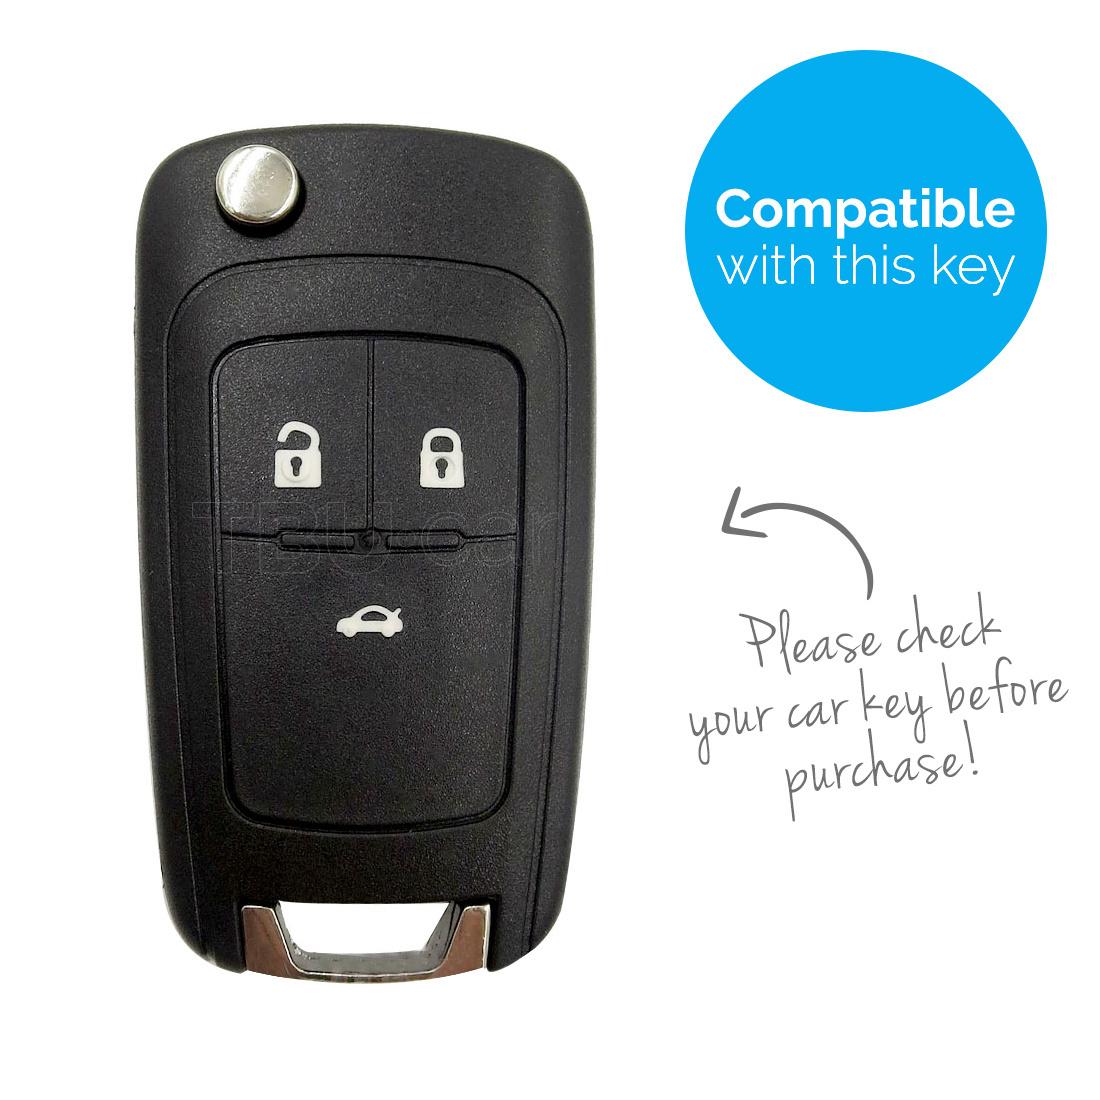 TBU car TBU car Autoschlüssel Hülle kompatibel mit Chevrolet 3 Tasten - Schutzhülle aus Silikon - Auto Schlüsselhülle Cover in Weiß